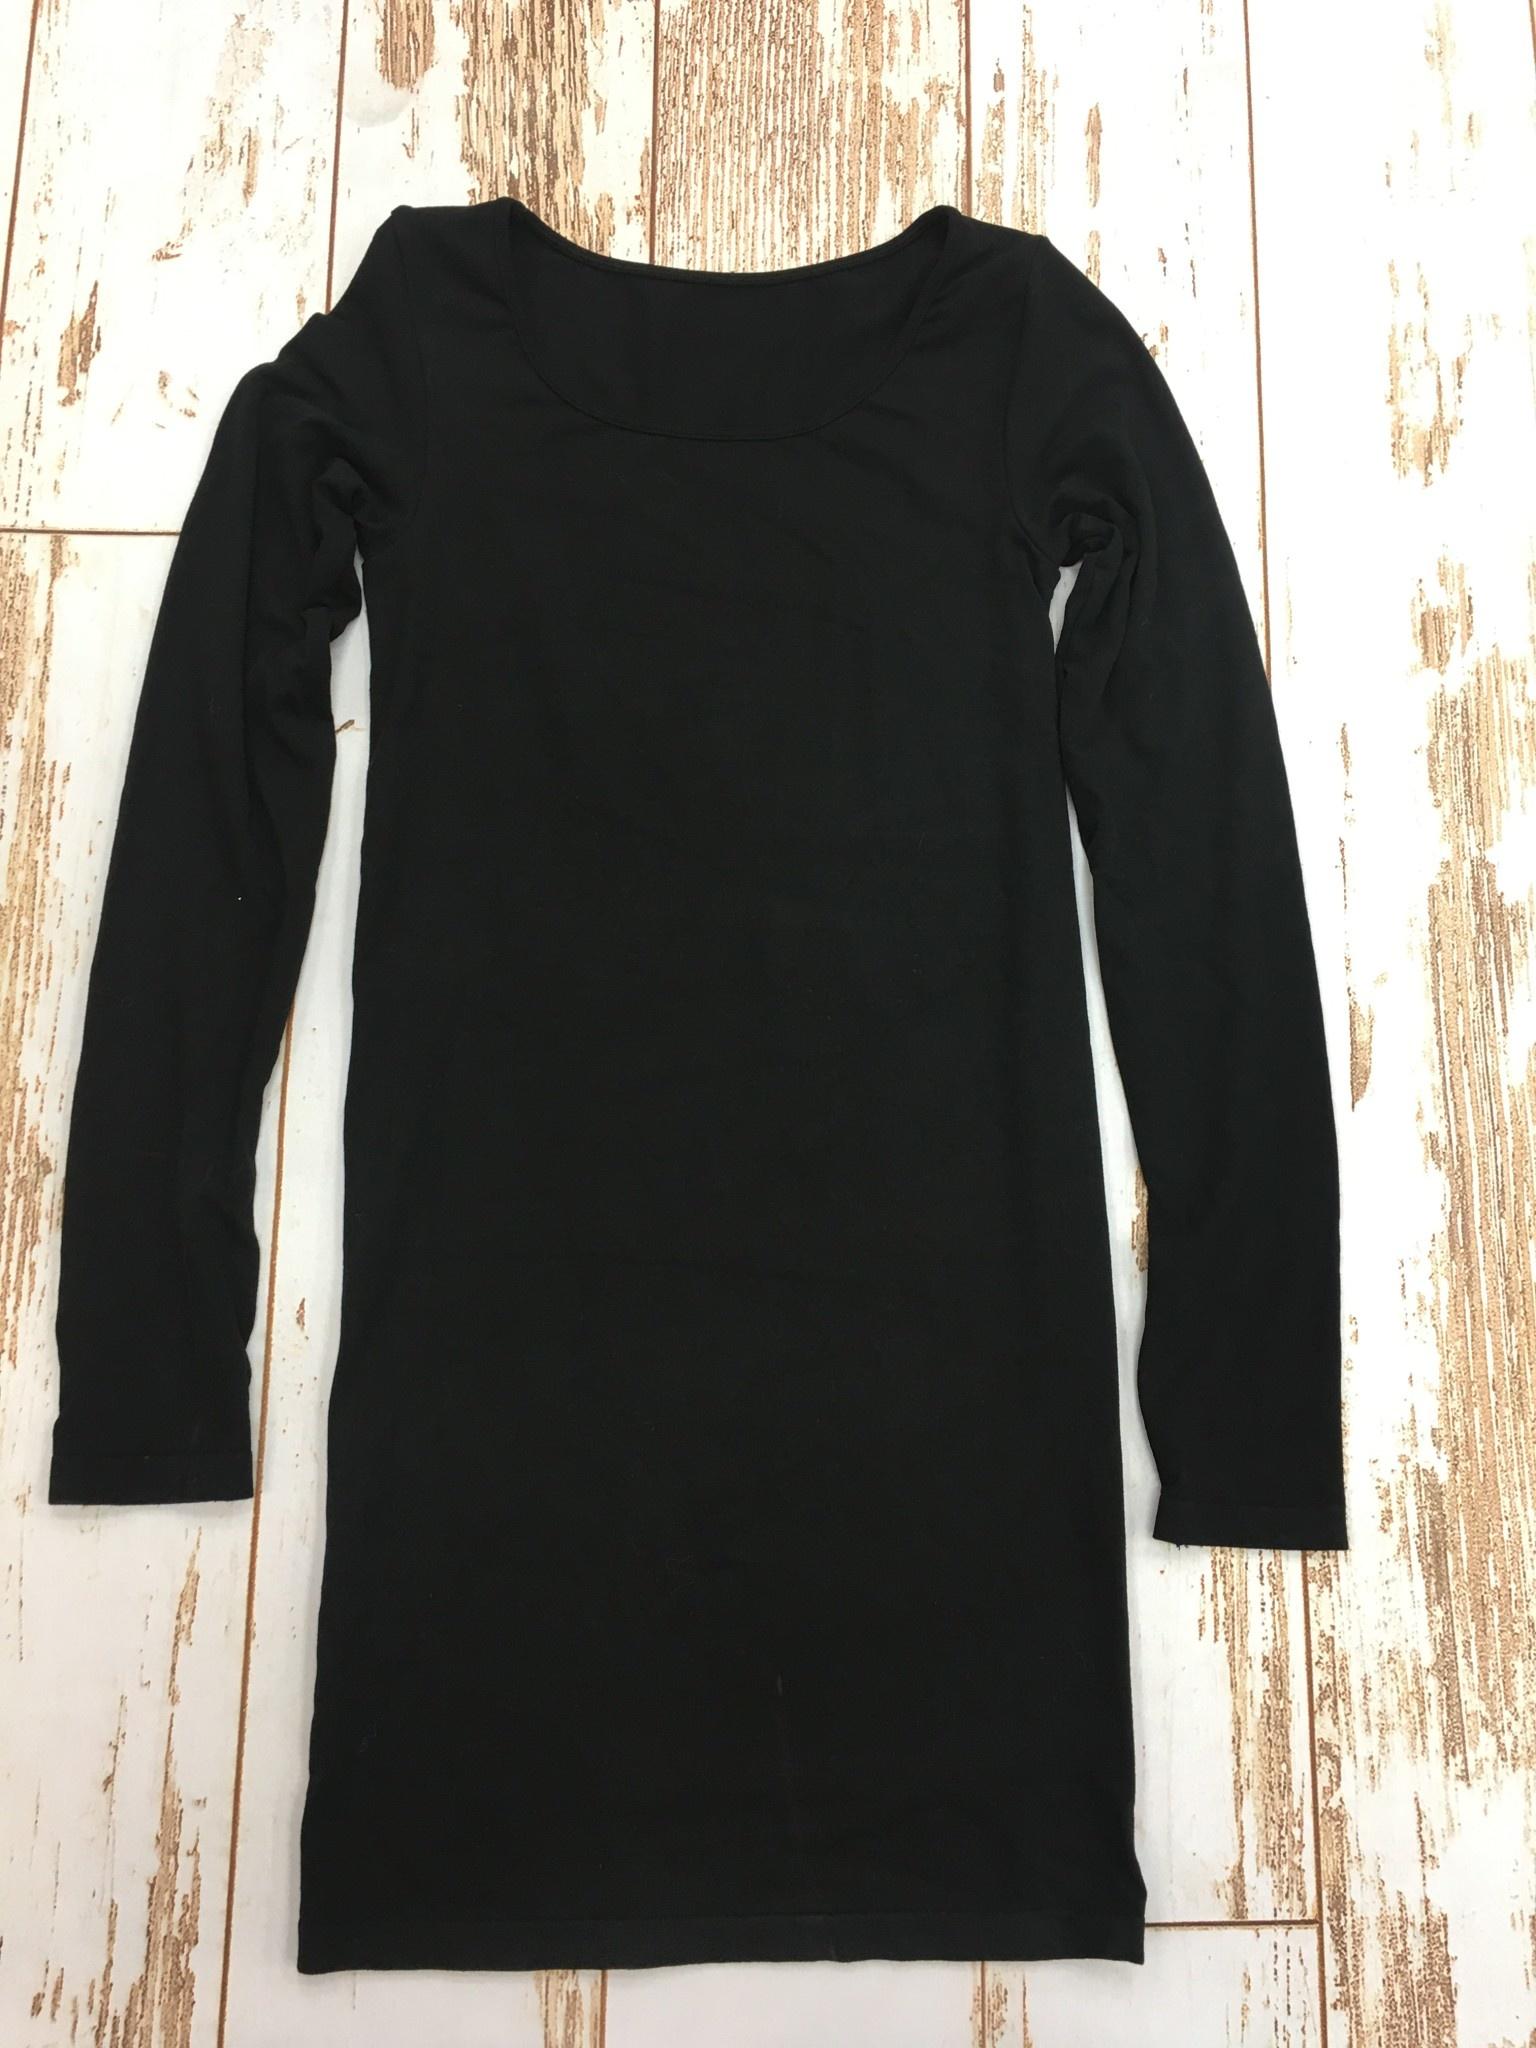 M Rena Long Sleeve Scoop Dress w/Thumbhole in Black